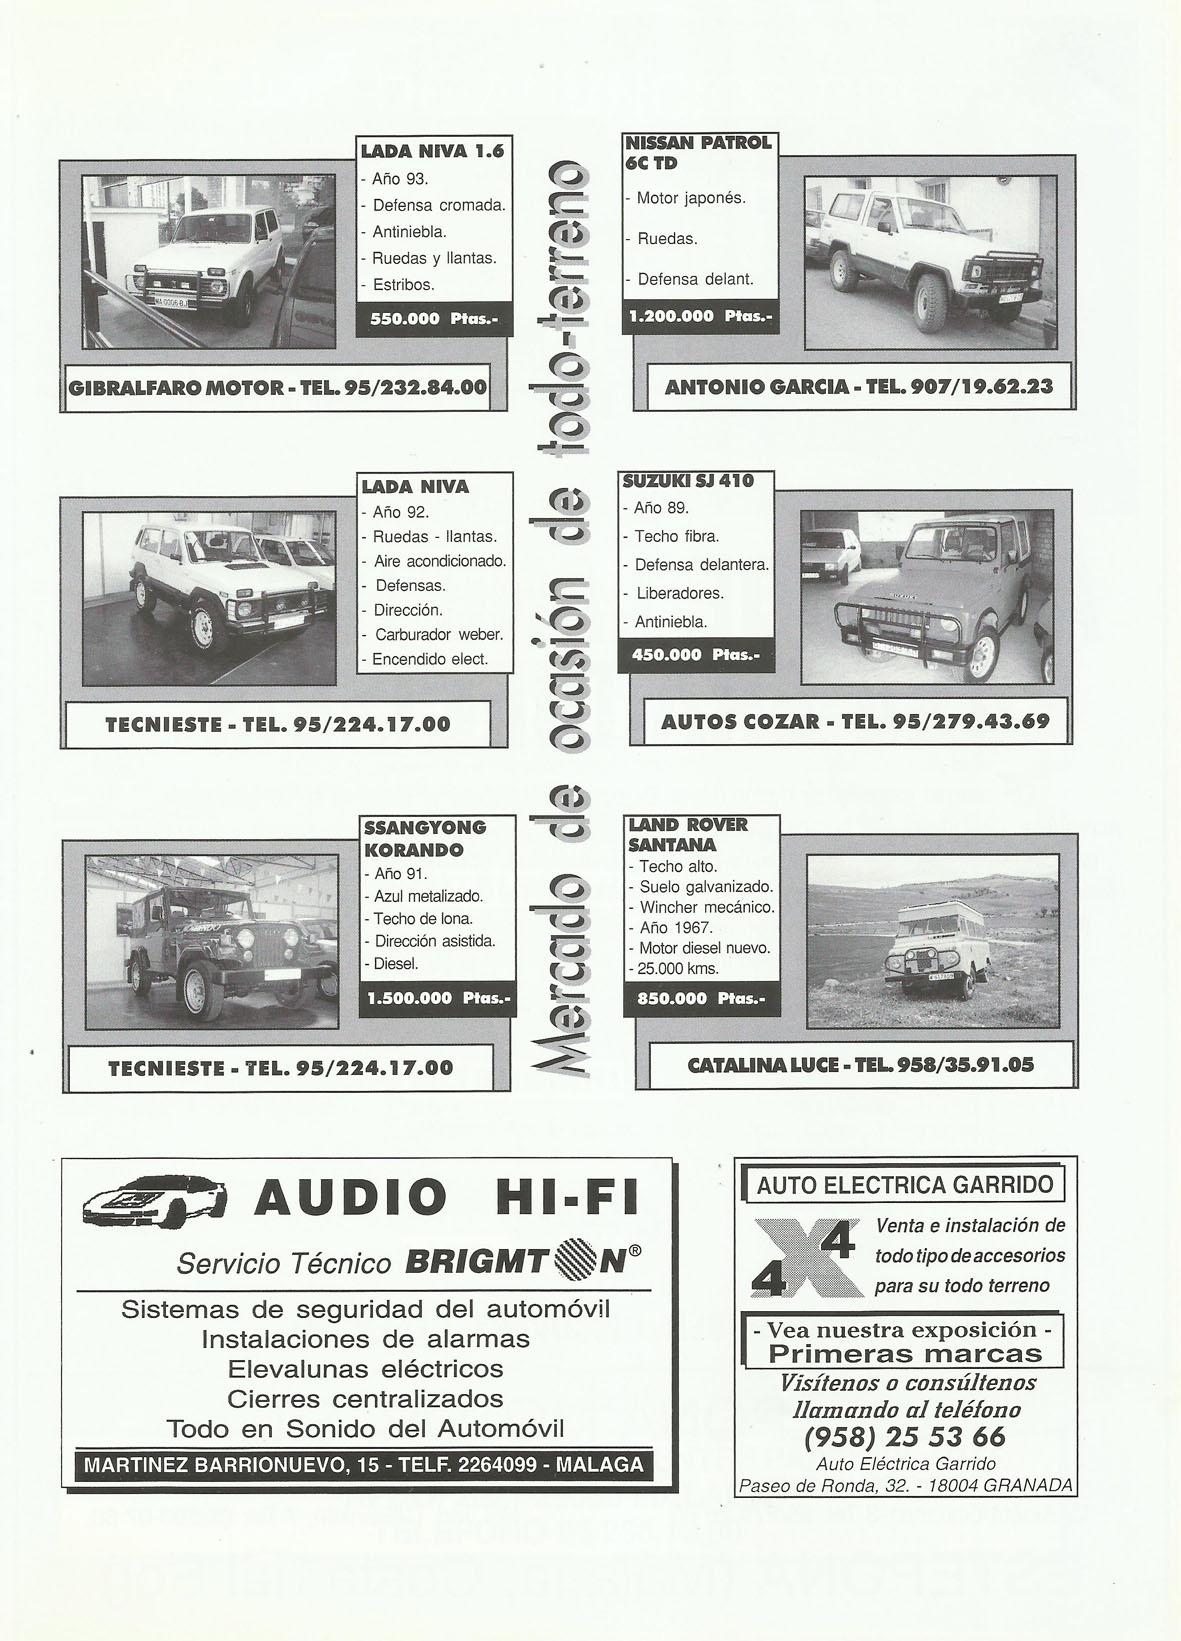 Revista Local 4x4 32 22 Mercado de Ocasión 4x4 y Publicidad Audio HiFi y Auto Eléctrica Garrido